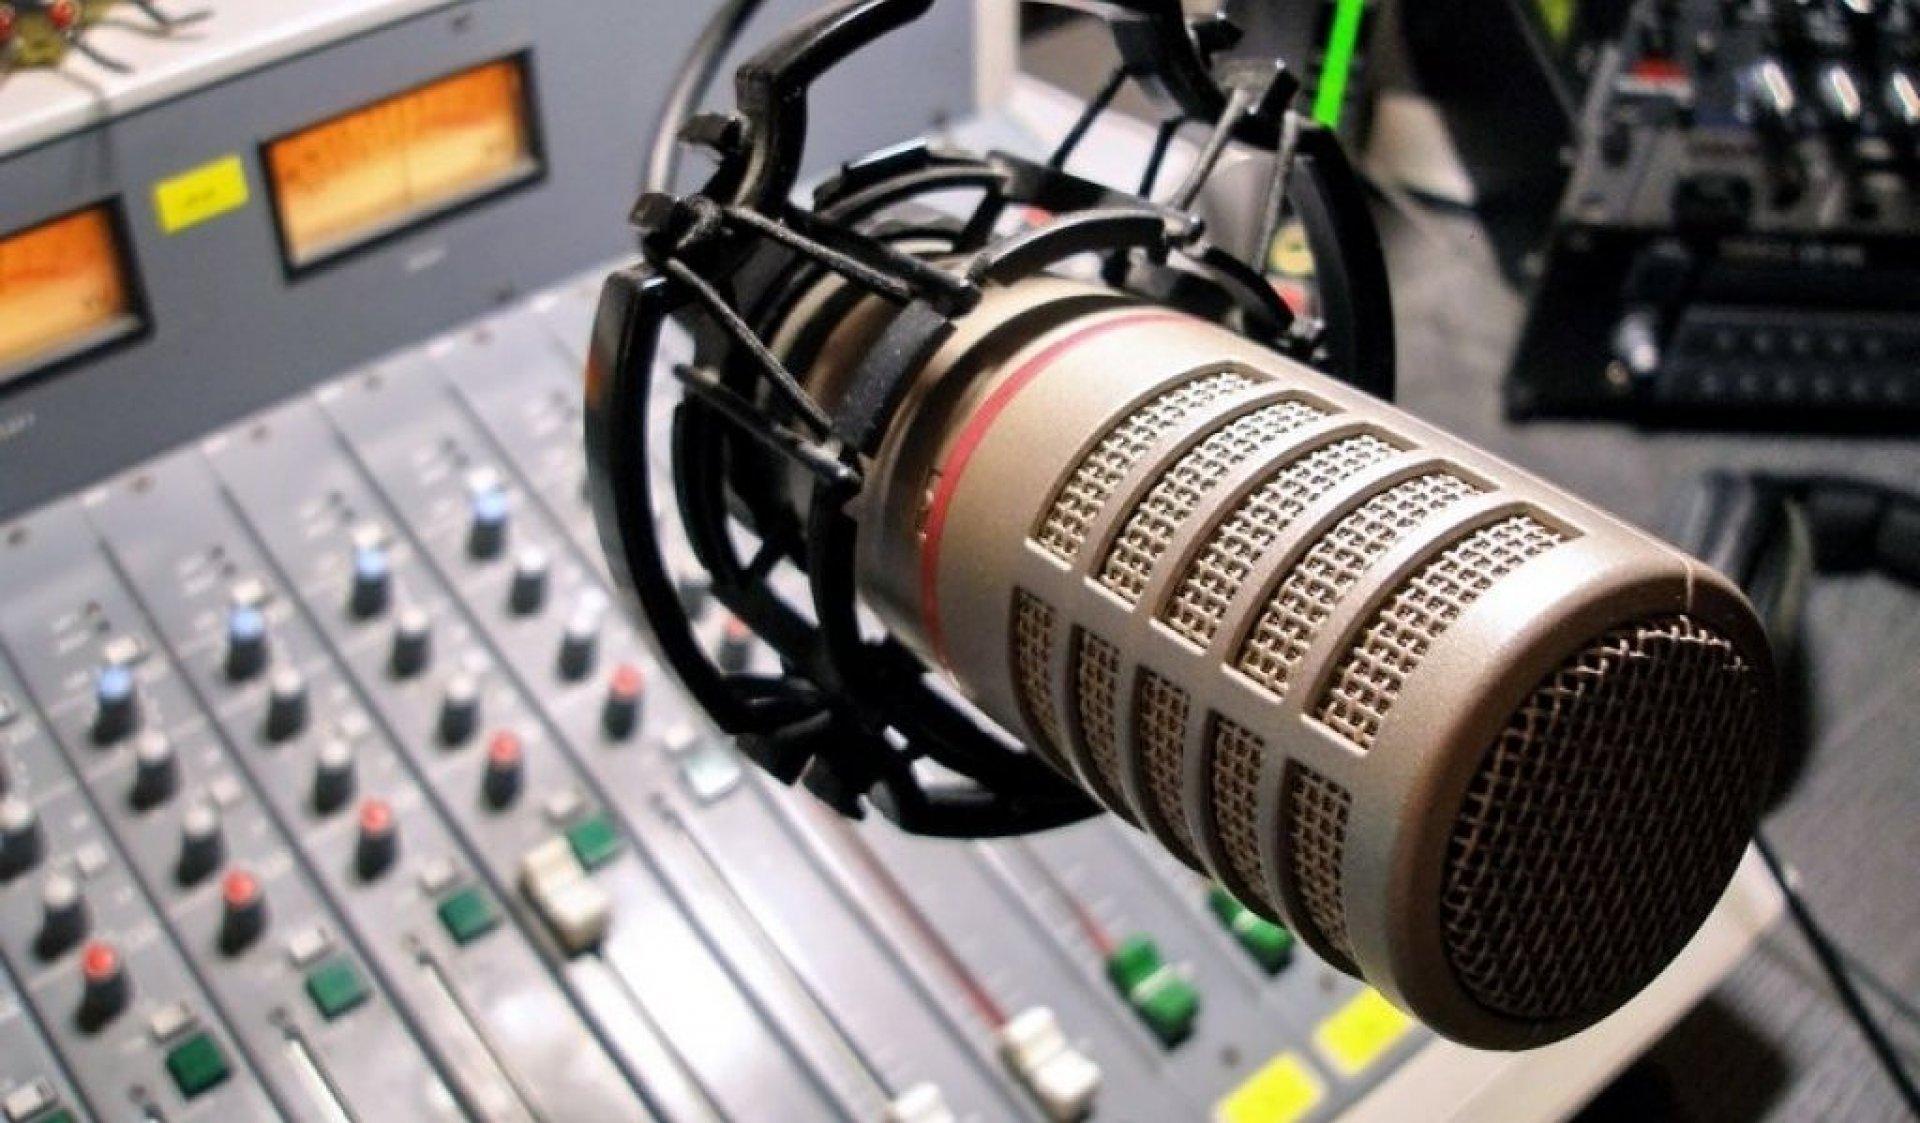 «Новое время» запустило радиостанцию. При чем тут Дарт Вейдер?